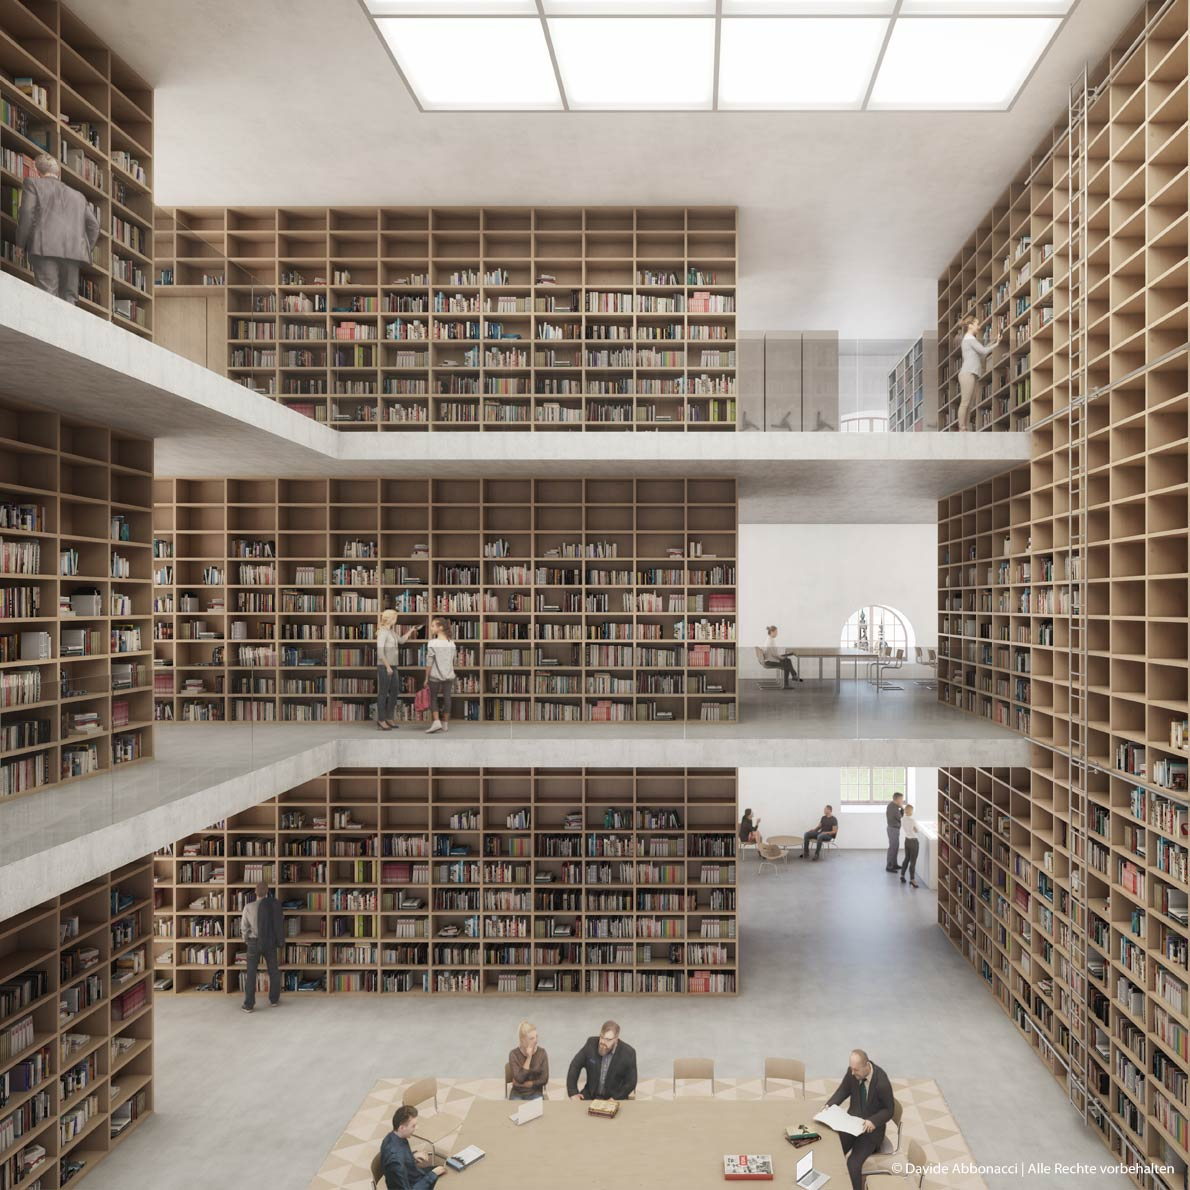 Archiv der Avantgarden, Dresden | Georg Scheel Wetzel Architekten | 2017 Wettbewerbsvisualisierung